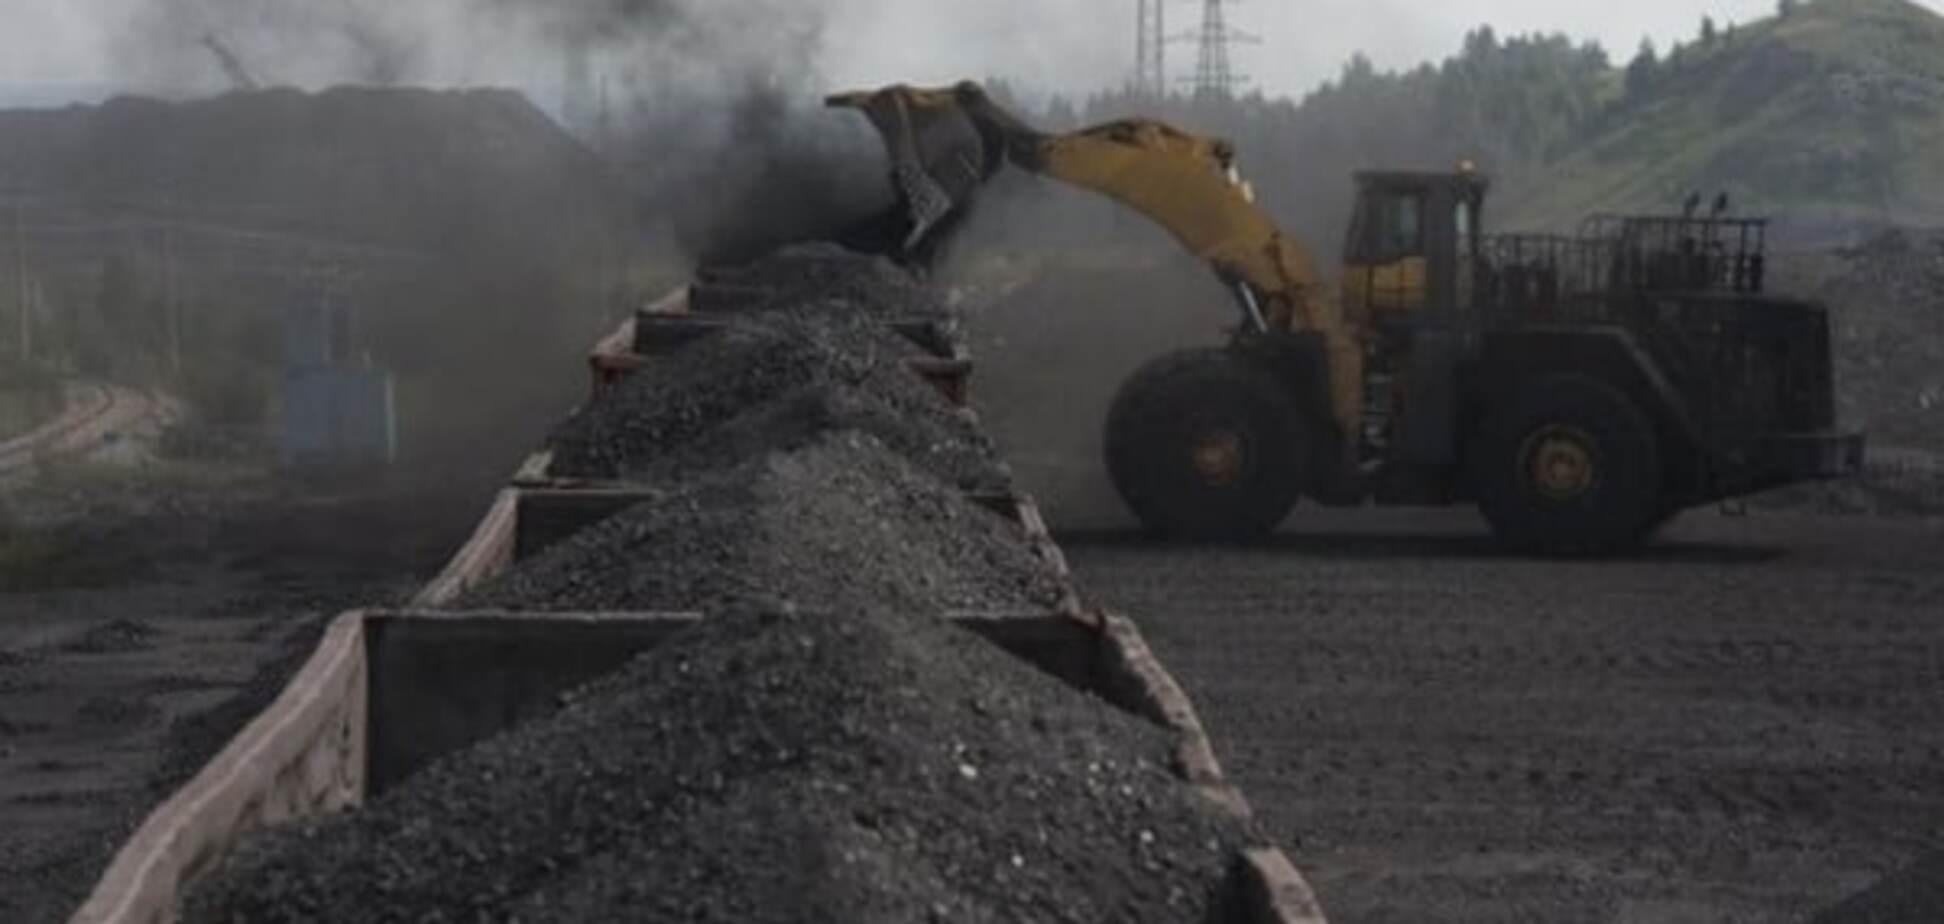 Україна так і не припиняла купувати вугілля у 'ЛНР' і 'ДНР' - Плотницький